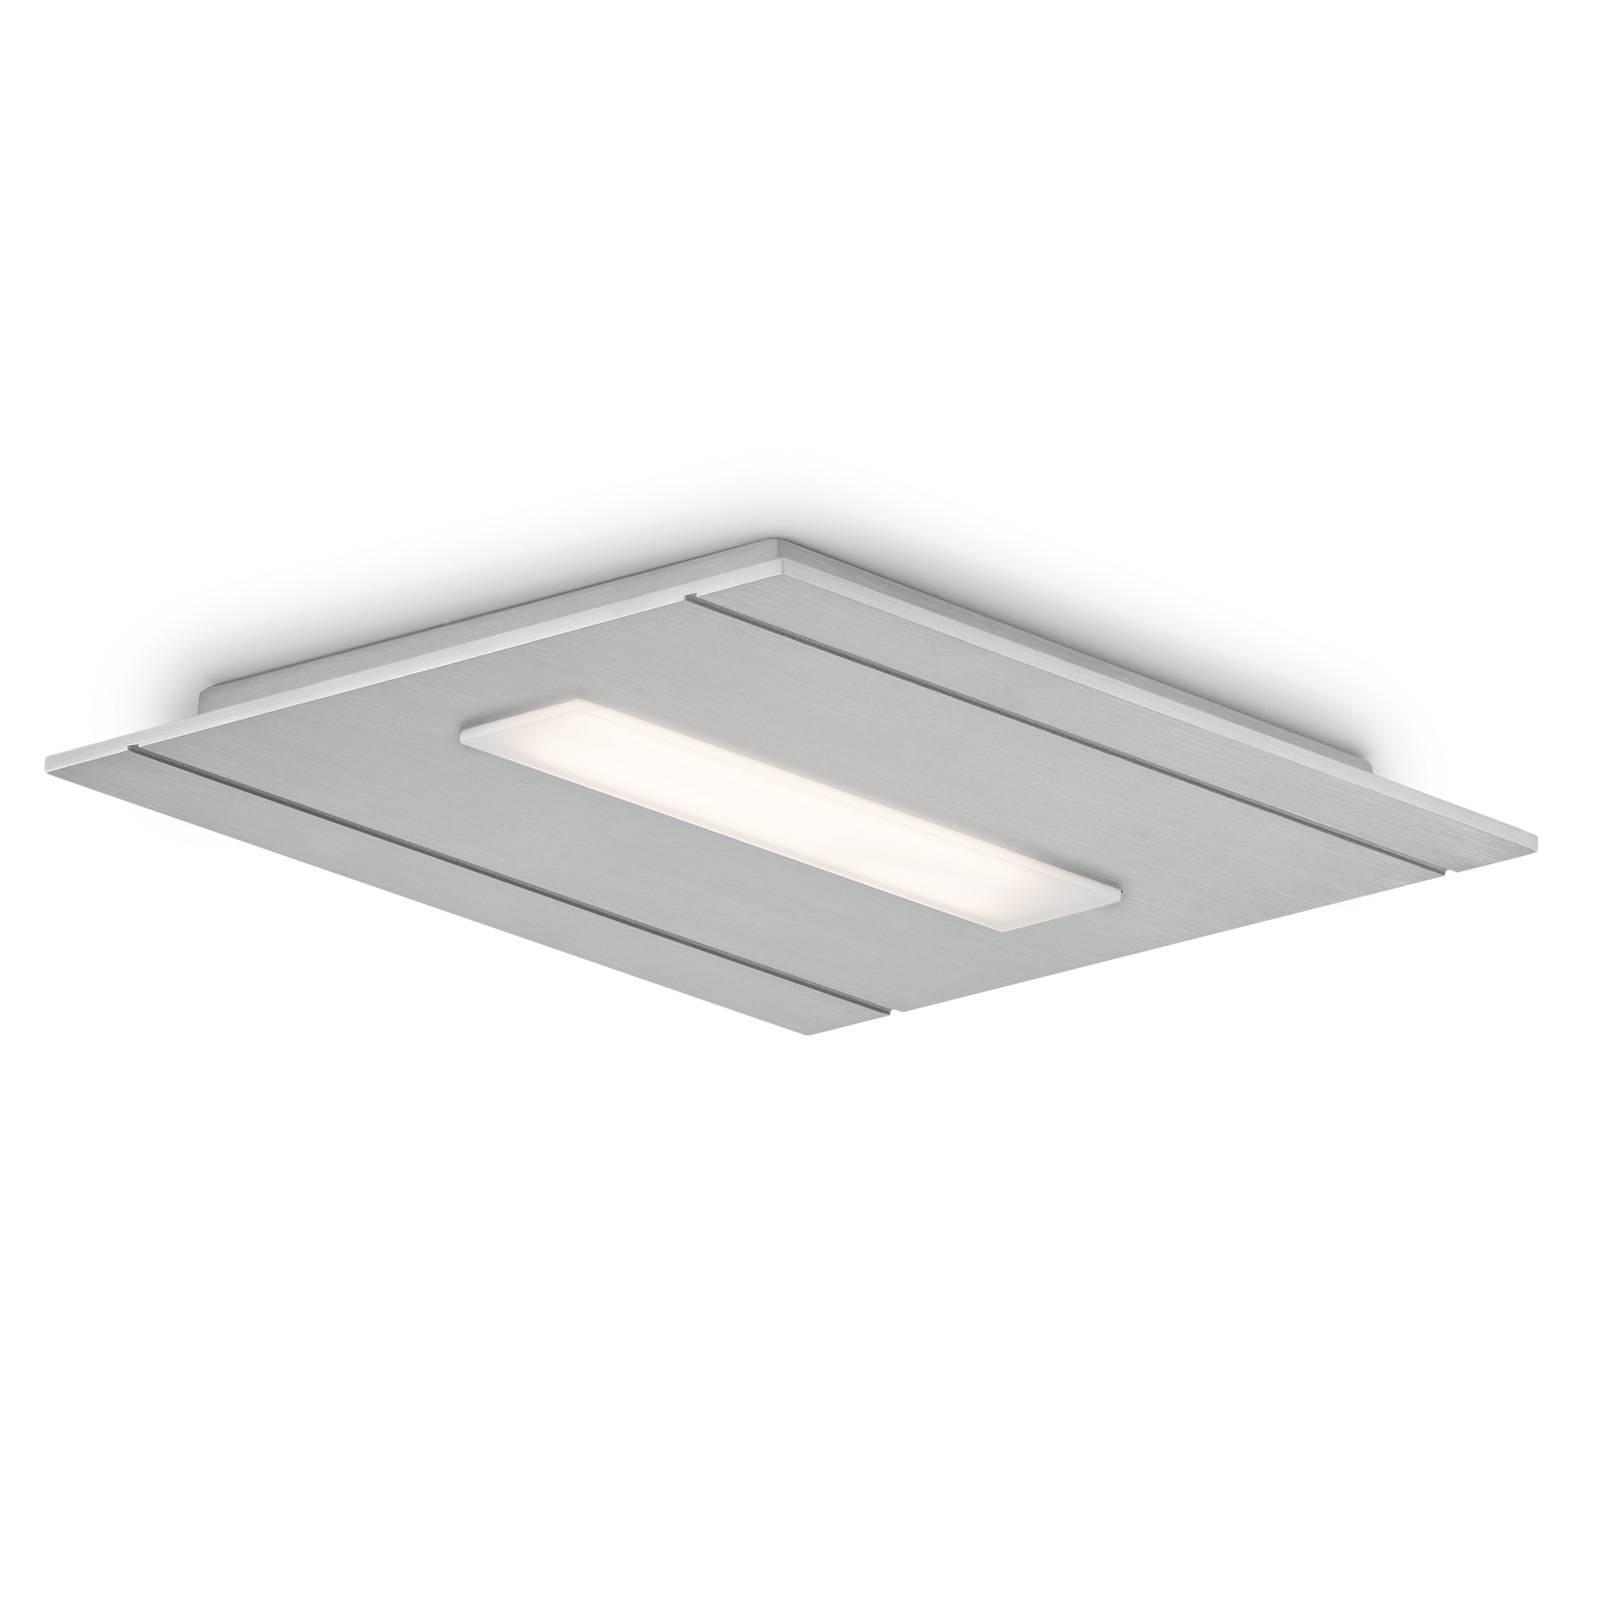 Lampa sufitowa LED Sina-1, dim-to-warm, 1-pkt.